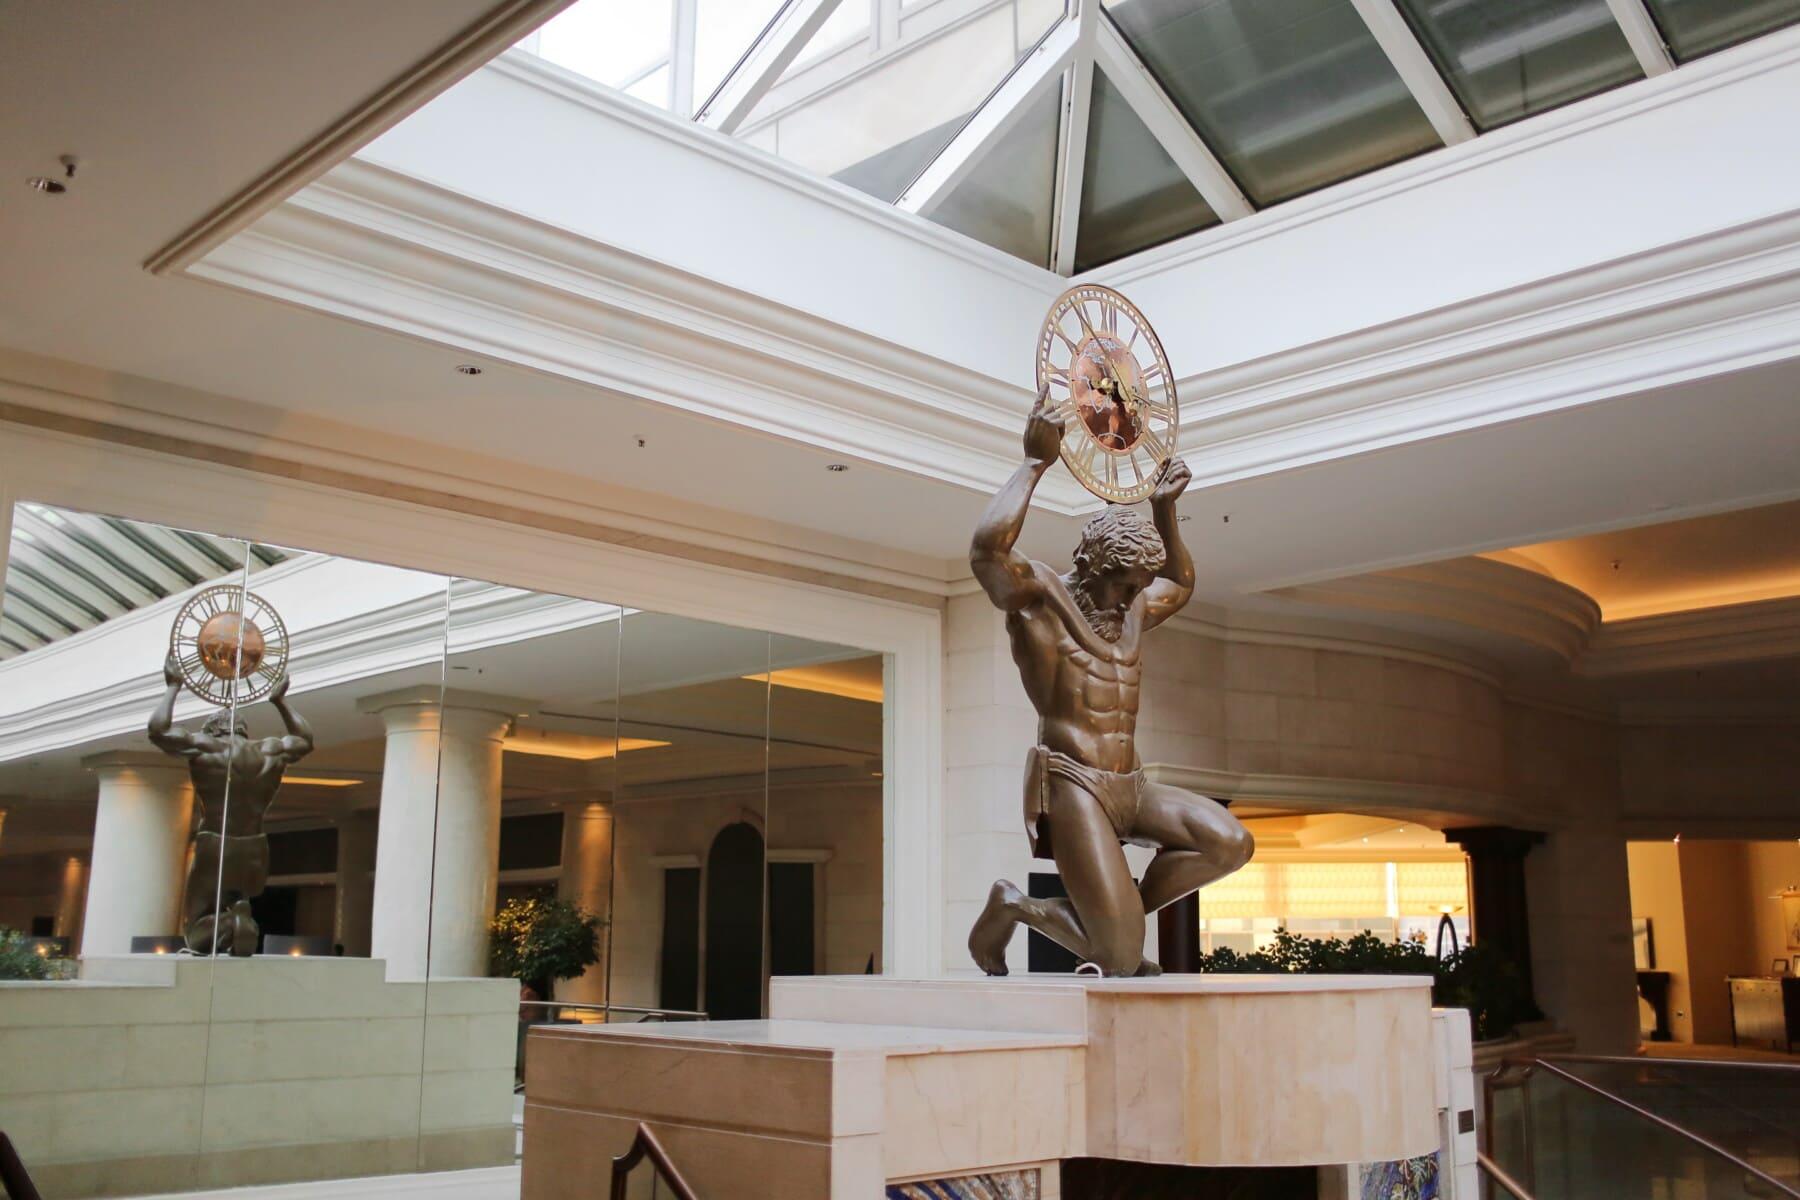 atrium, residence, hallway, anteroom, luxury, sculpture, indoors, architecture, interior design, room